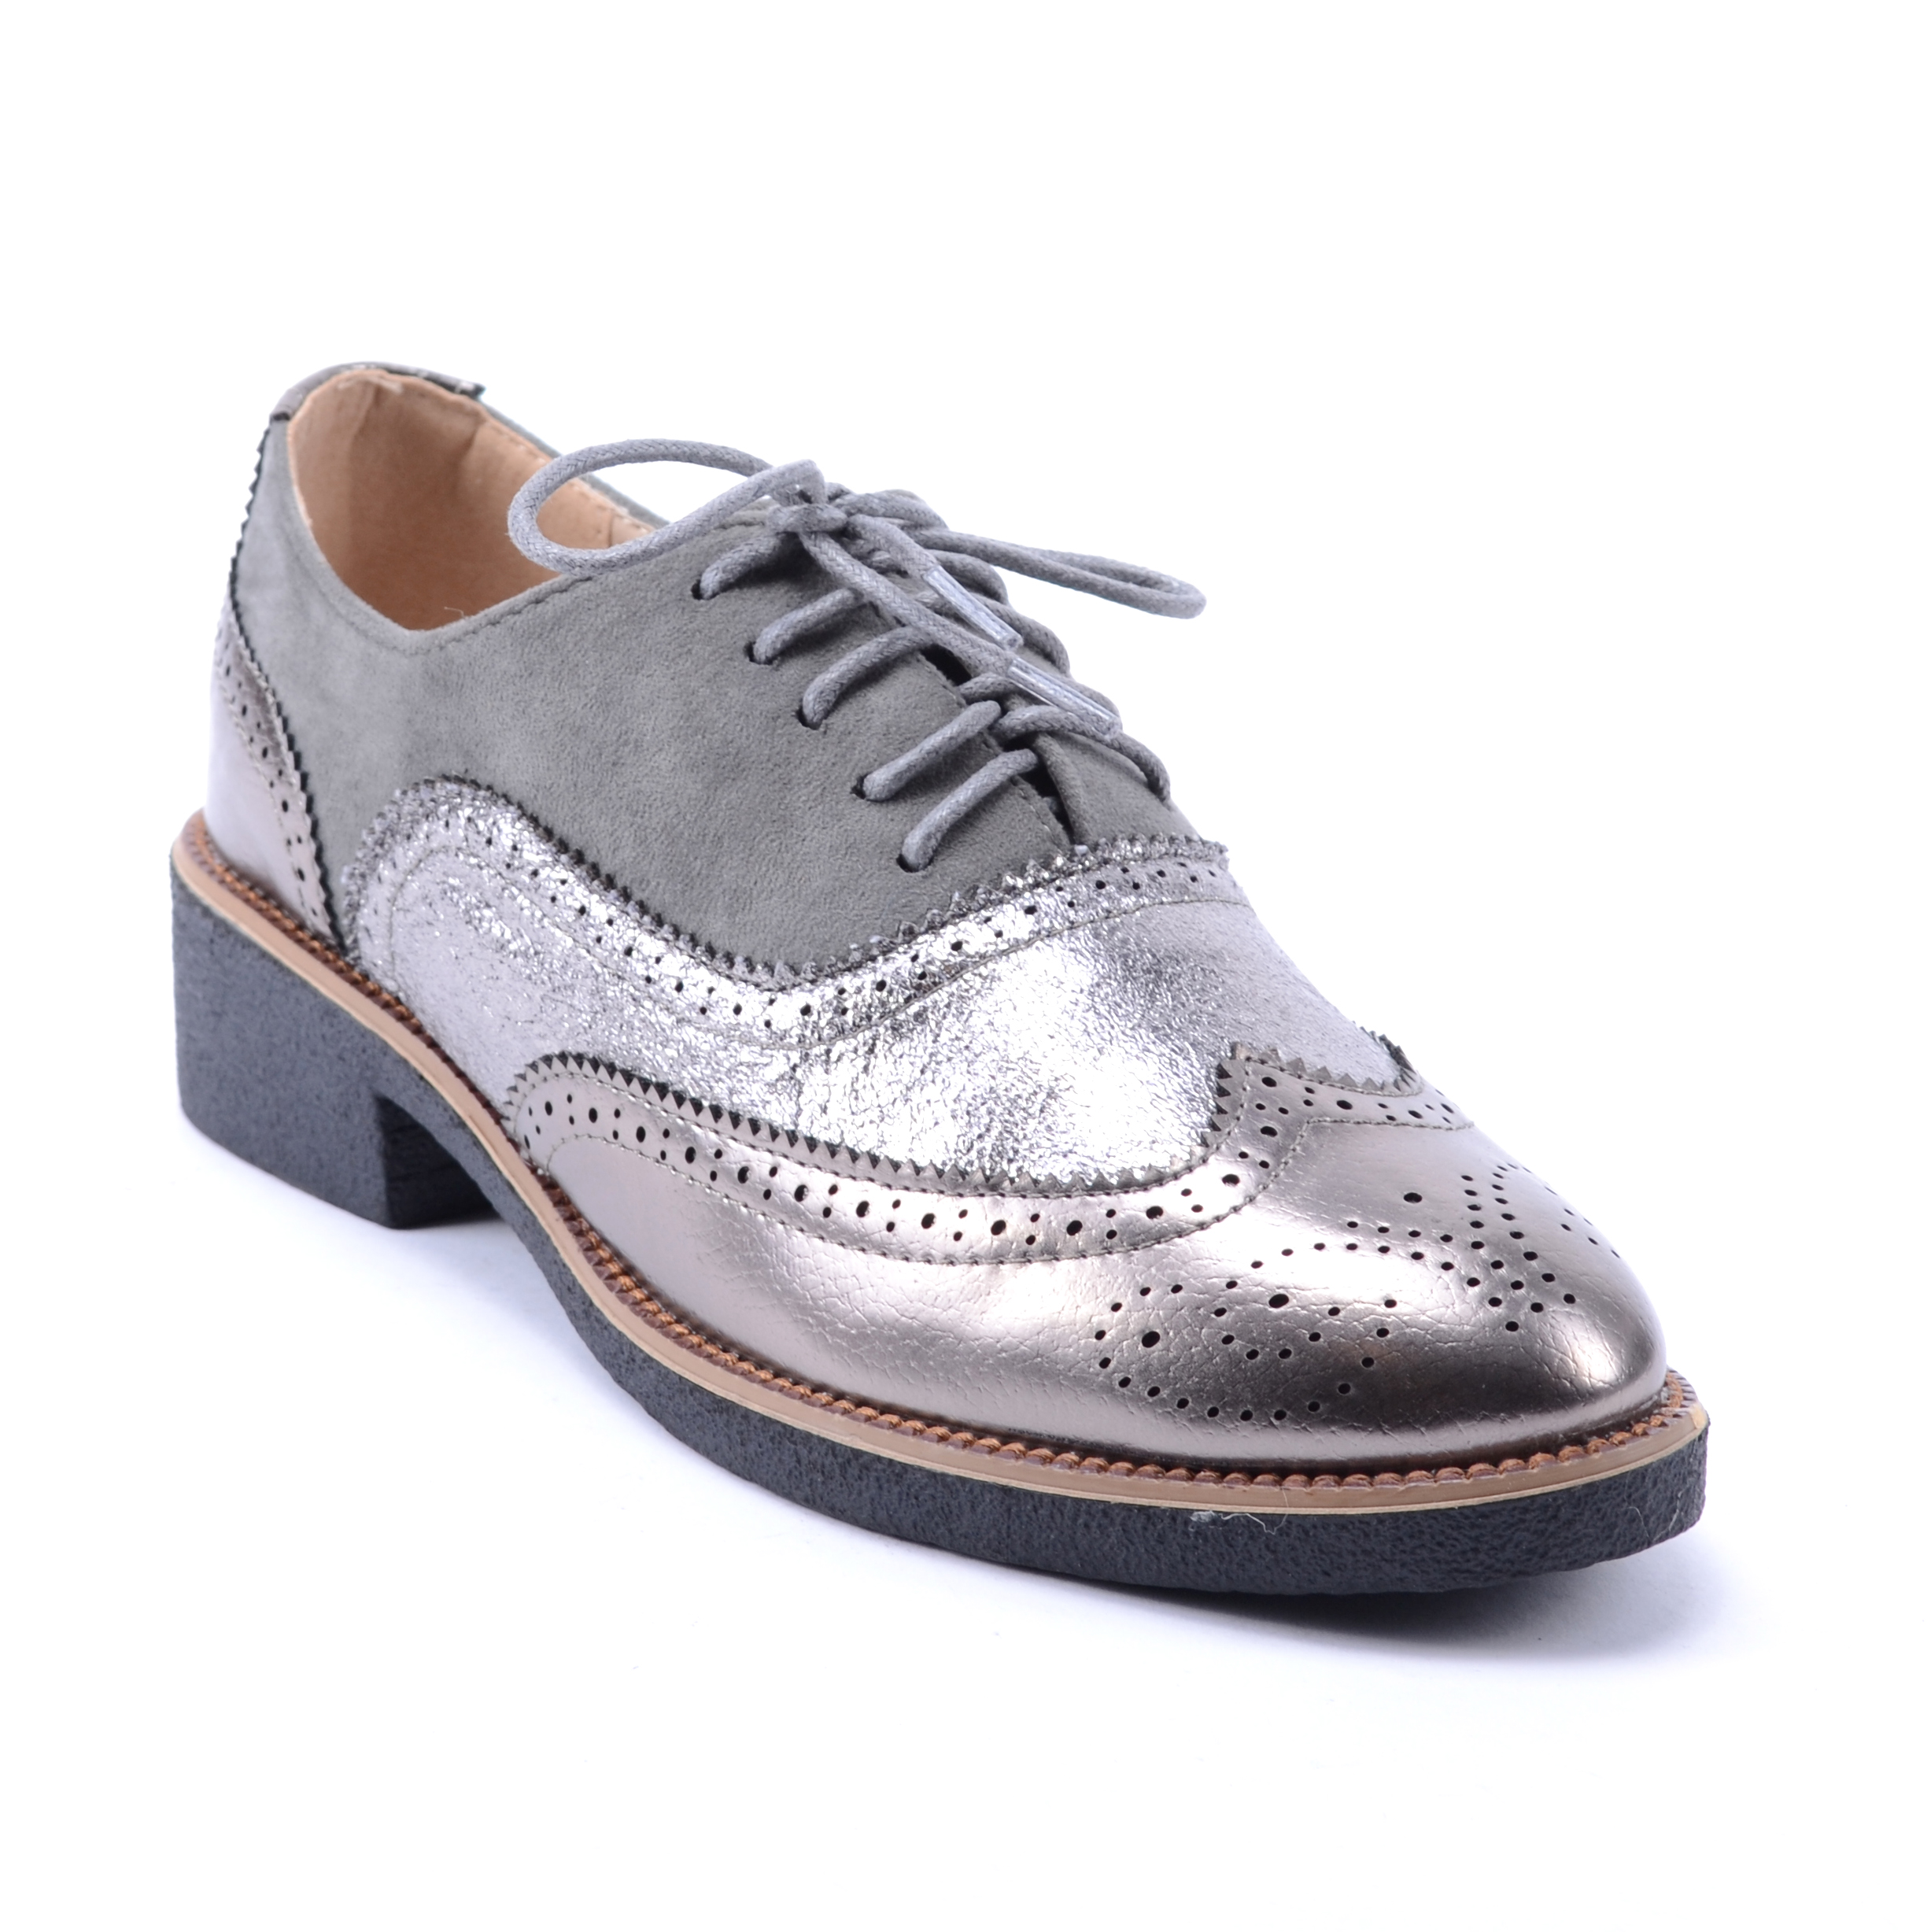 34f65c20e7 Női Műbőr Fűzős Félcipő Ezüst - UTCAI CIPŐK - Női cipő webáruház-női  csizmák, női bakancsok, magassarkúk, női gumicsizma, magassarkú csizma,  magassarkú ...